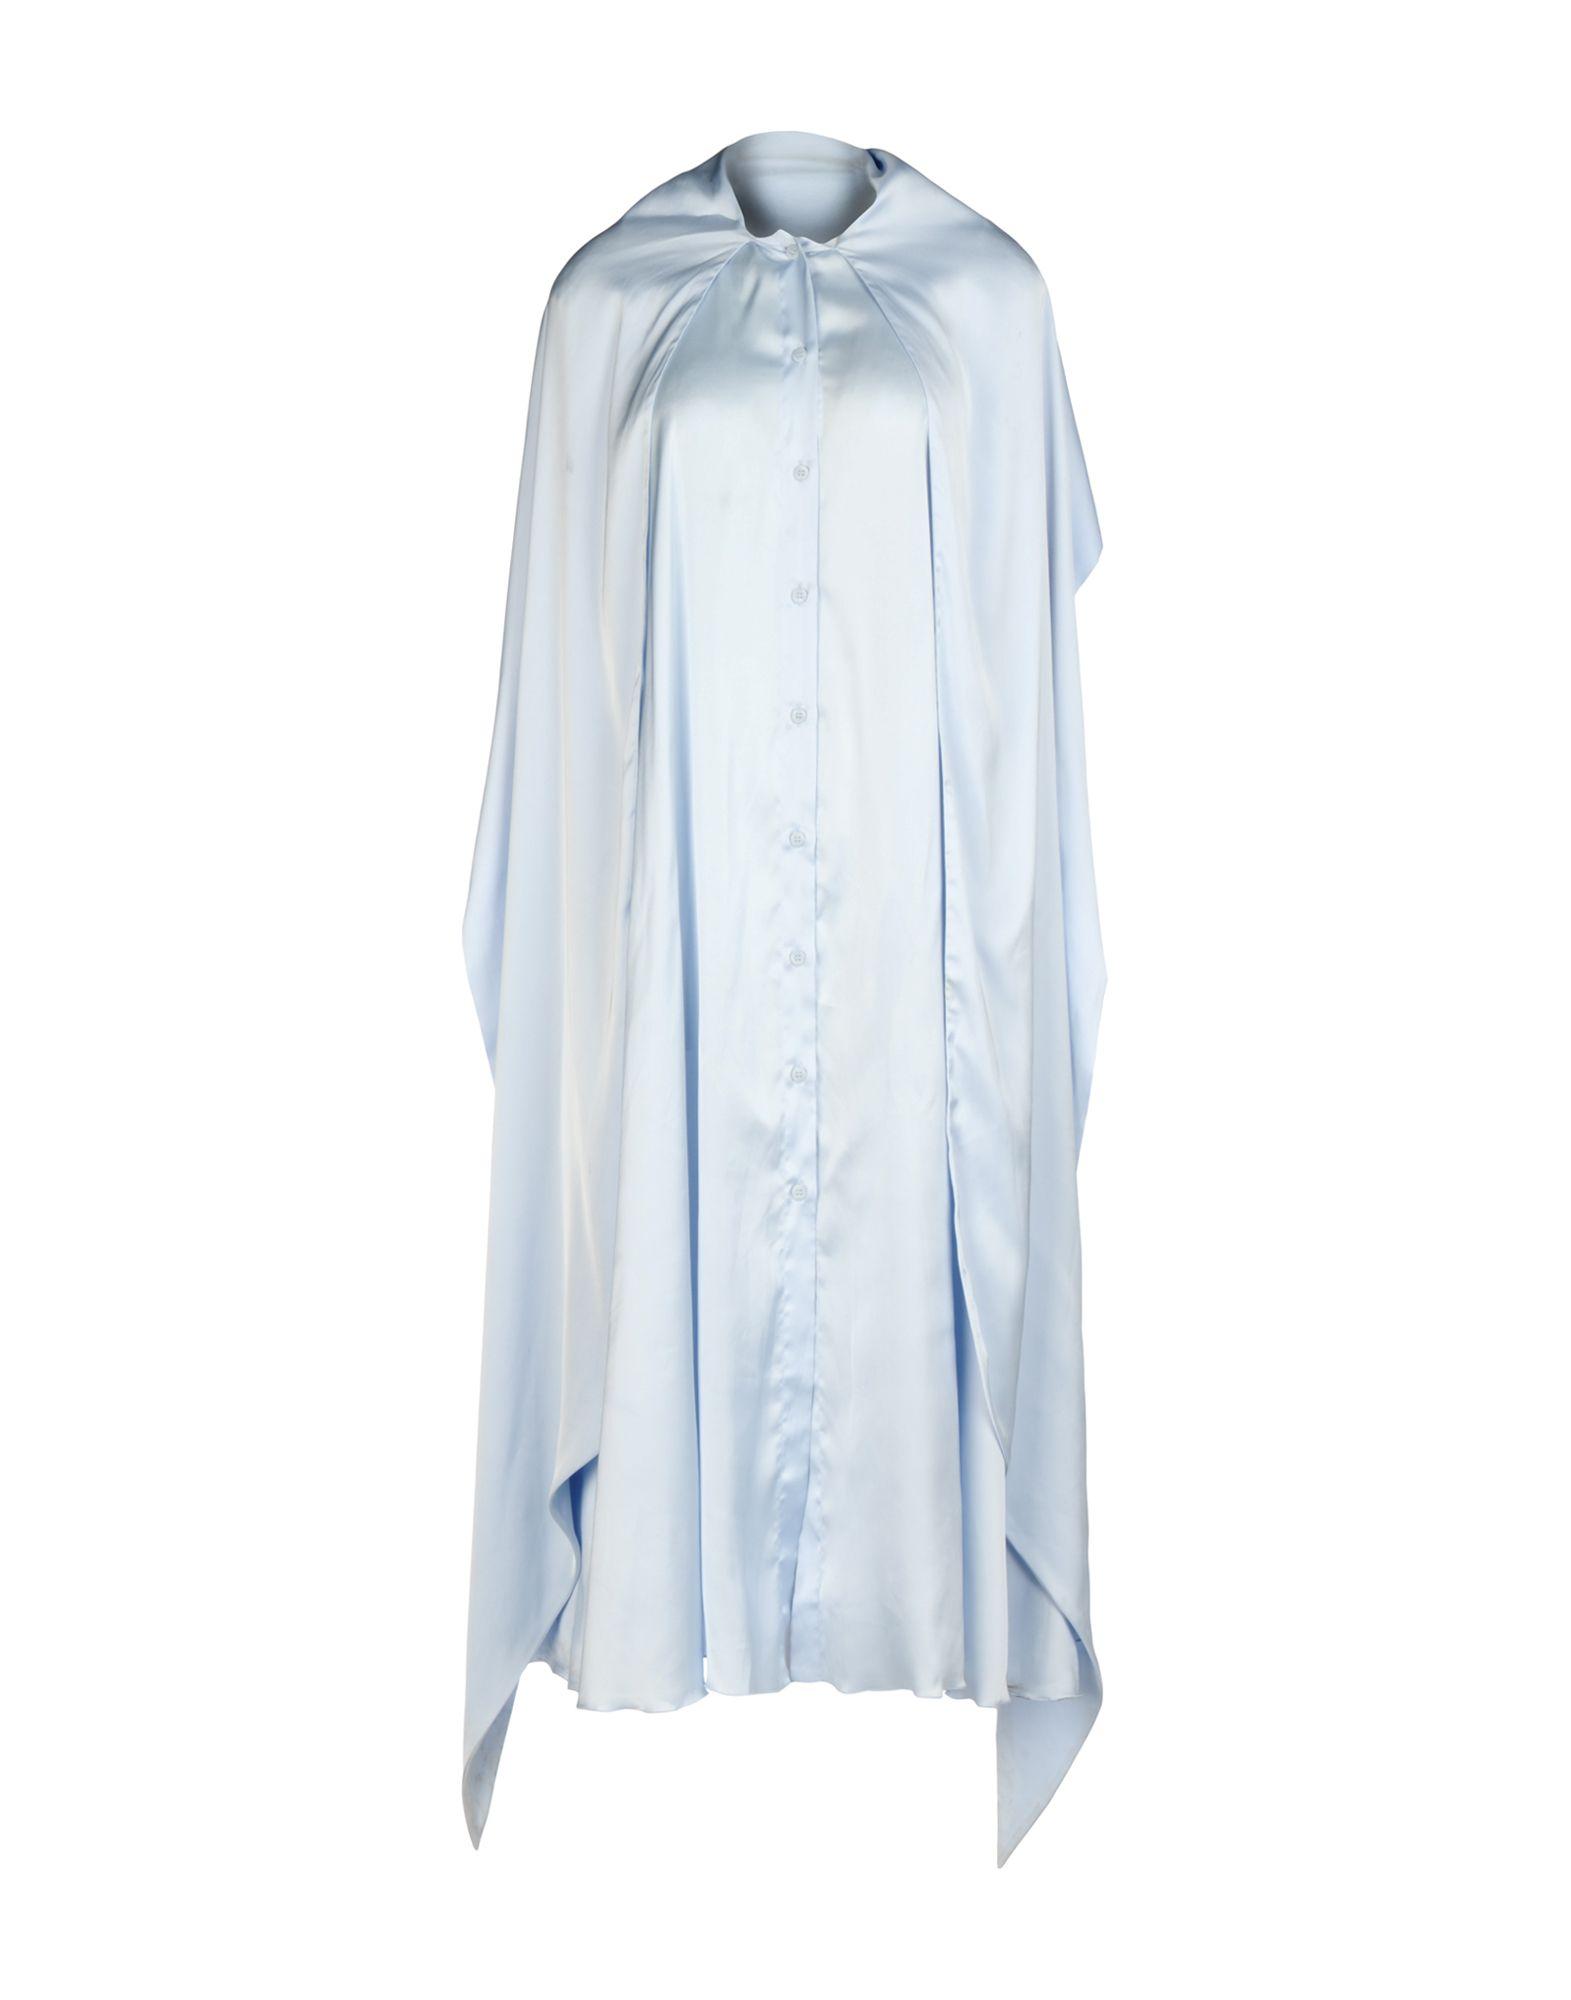 MM6 MAISON MARGIELA Damen Midikleid Farbe Himmelblau Größe 4 - broschei